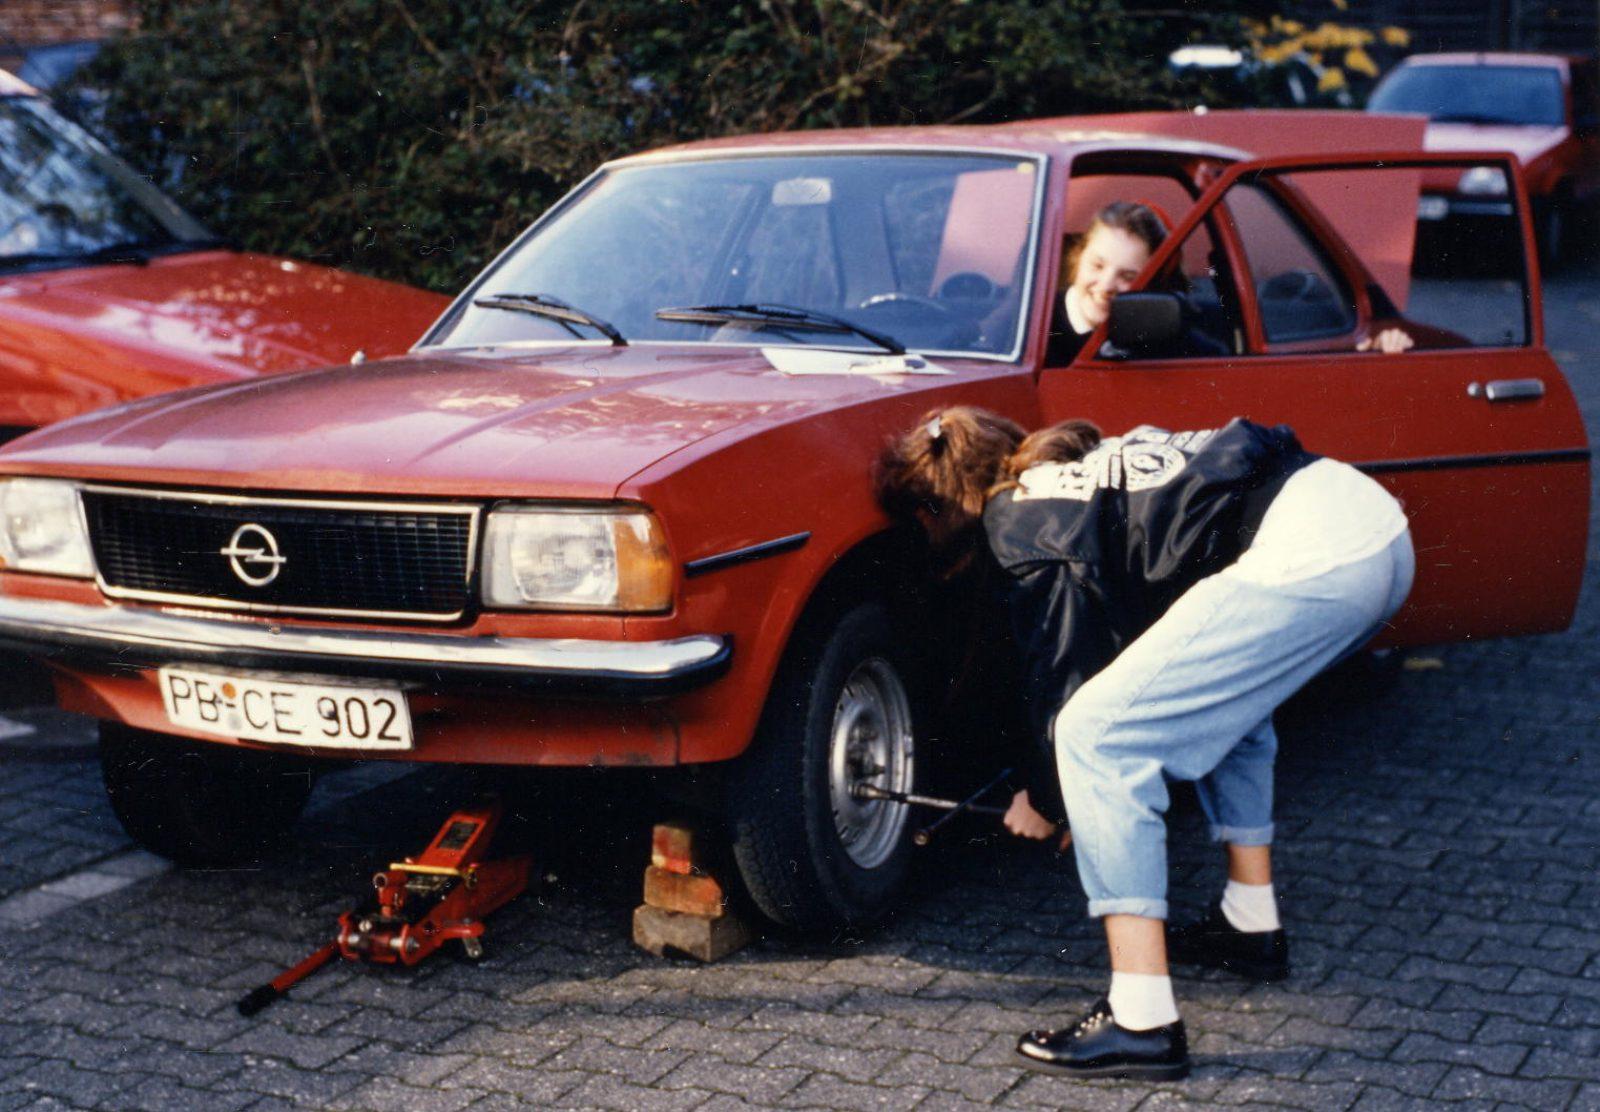 1990 Opel Ascona B rot